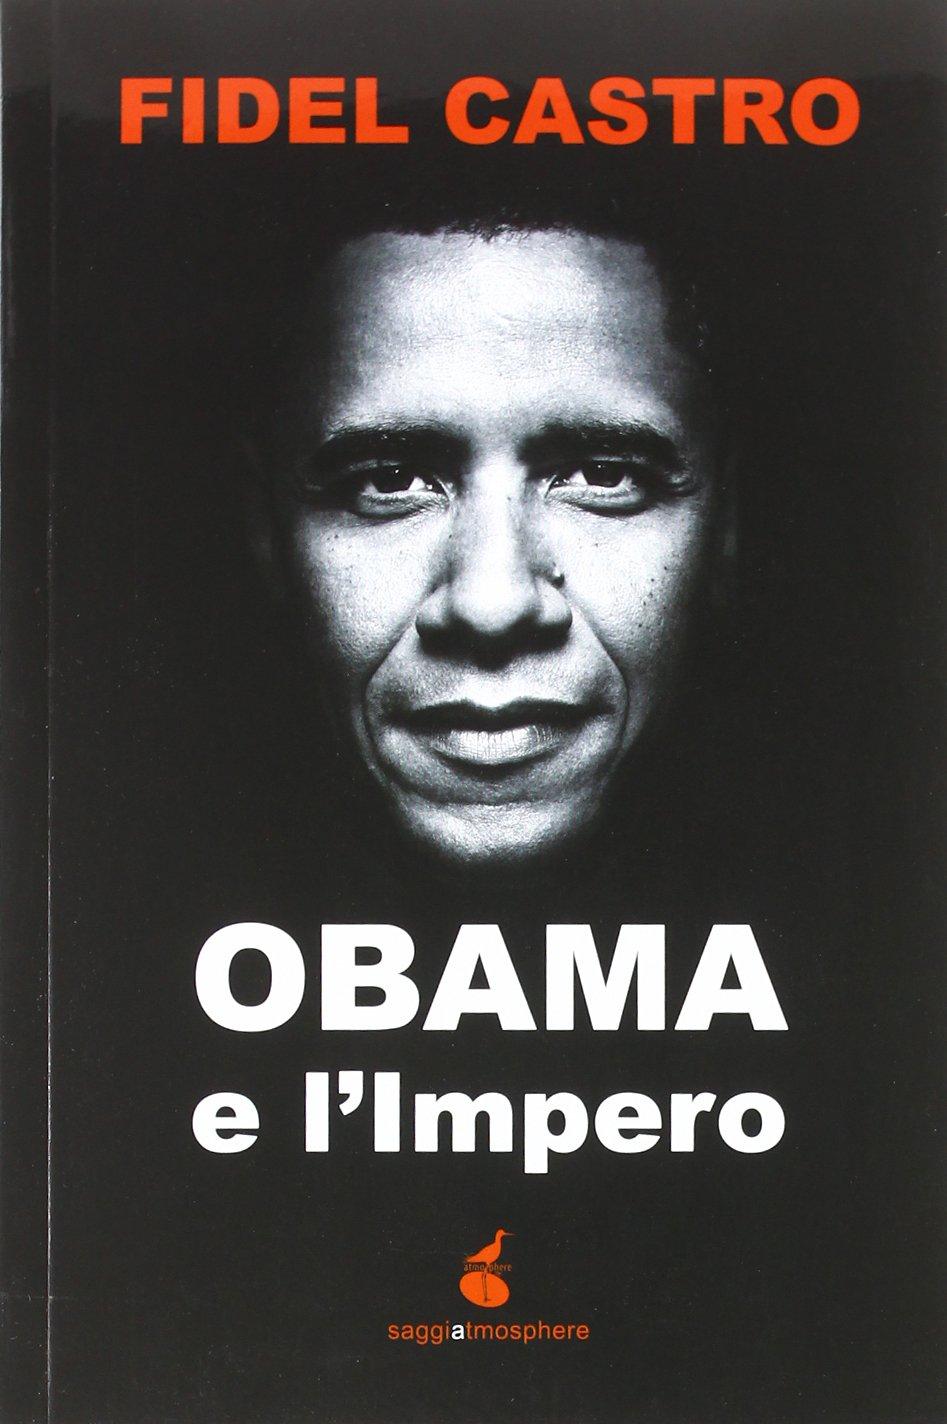 Obama e l'impero Copertina flessibile – 31 ott 2012 Fidel Castro M. Di Leo A. Umile Obama e l' impero